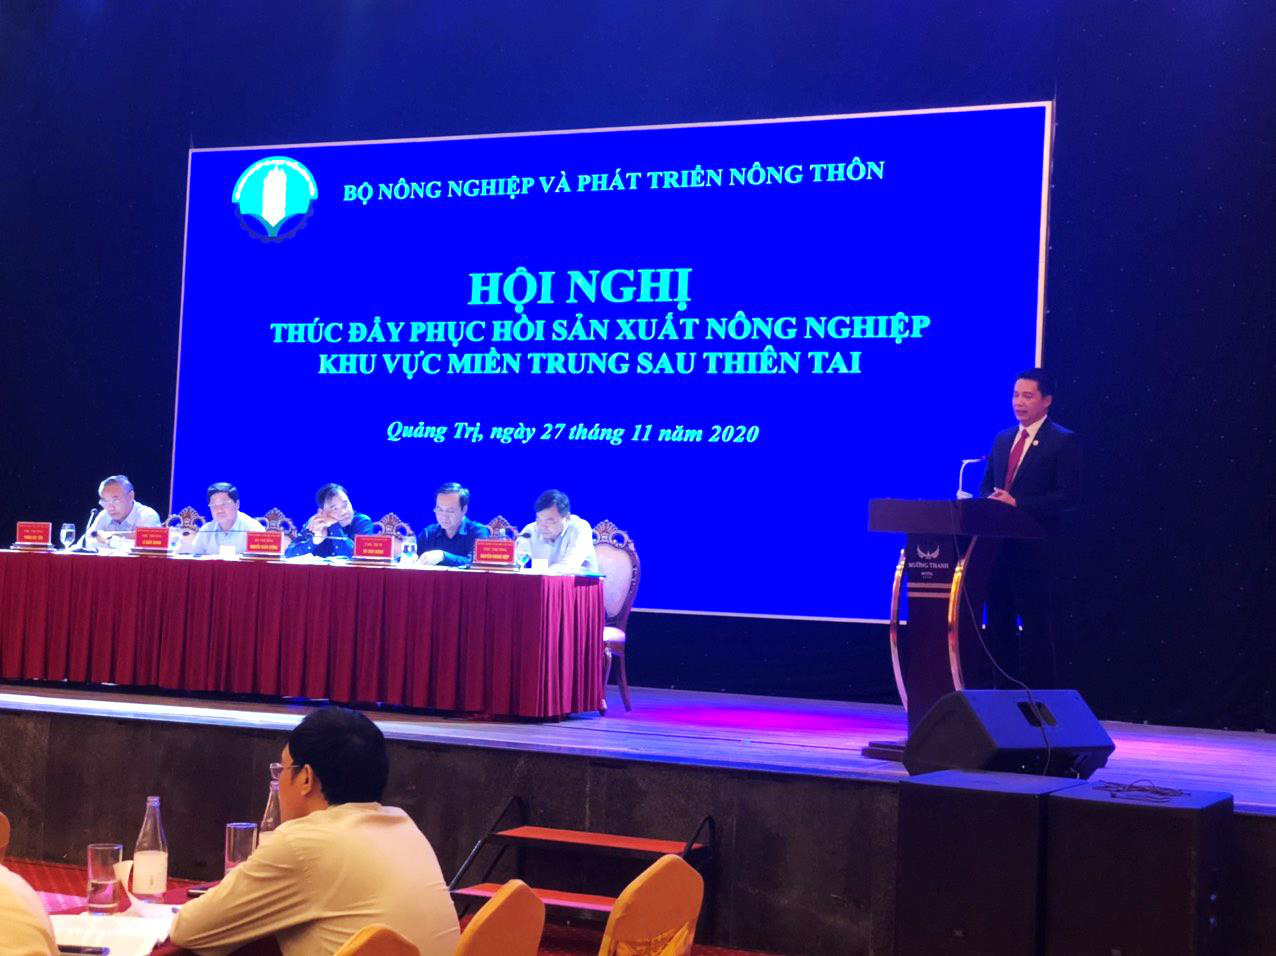 Hội nghị thúc đẩy phục hồi sản xuất nông nghiệp khu vực miền Trung sau thiên tai - Ảnh 1.